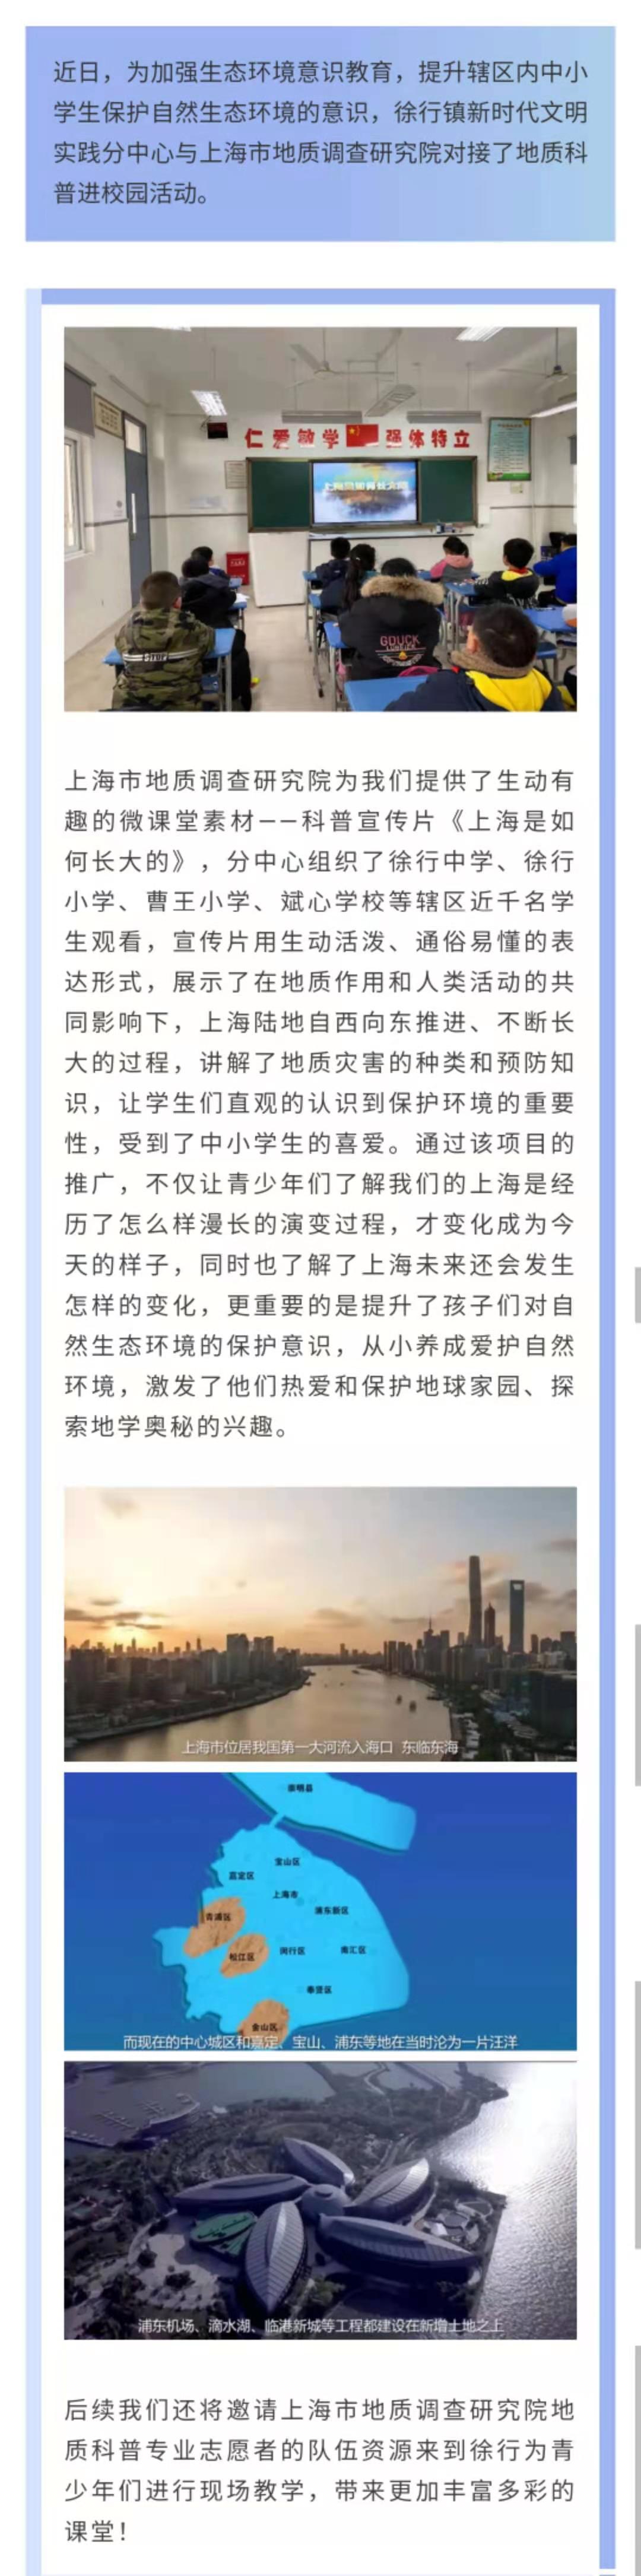 【新时代文明实践如校园】徐行镇开展地质科普进校园活动 (2).jpg